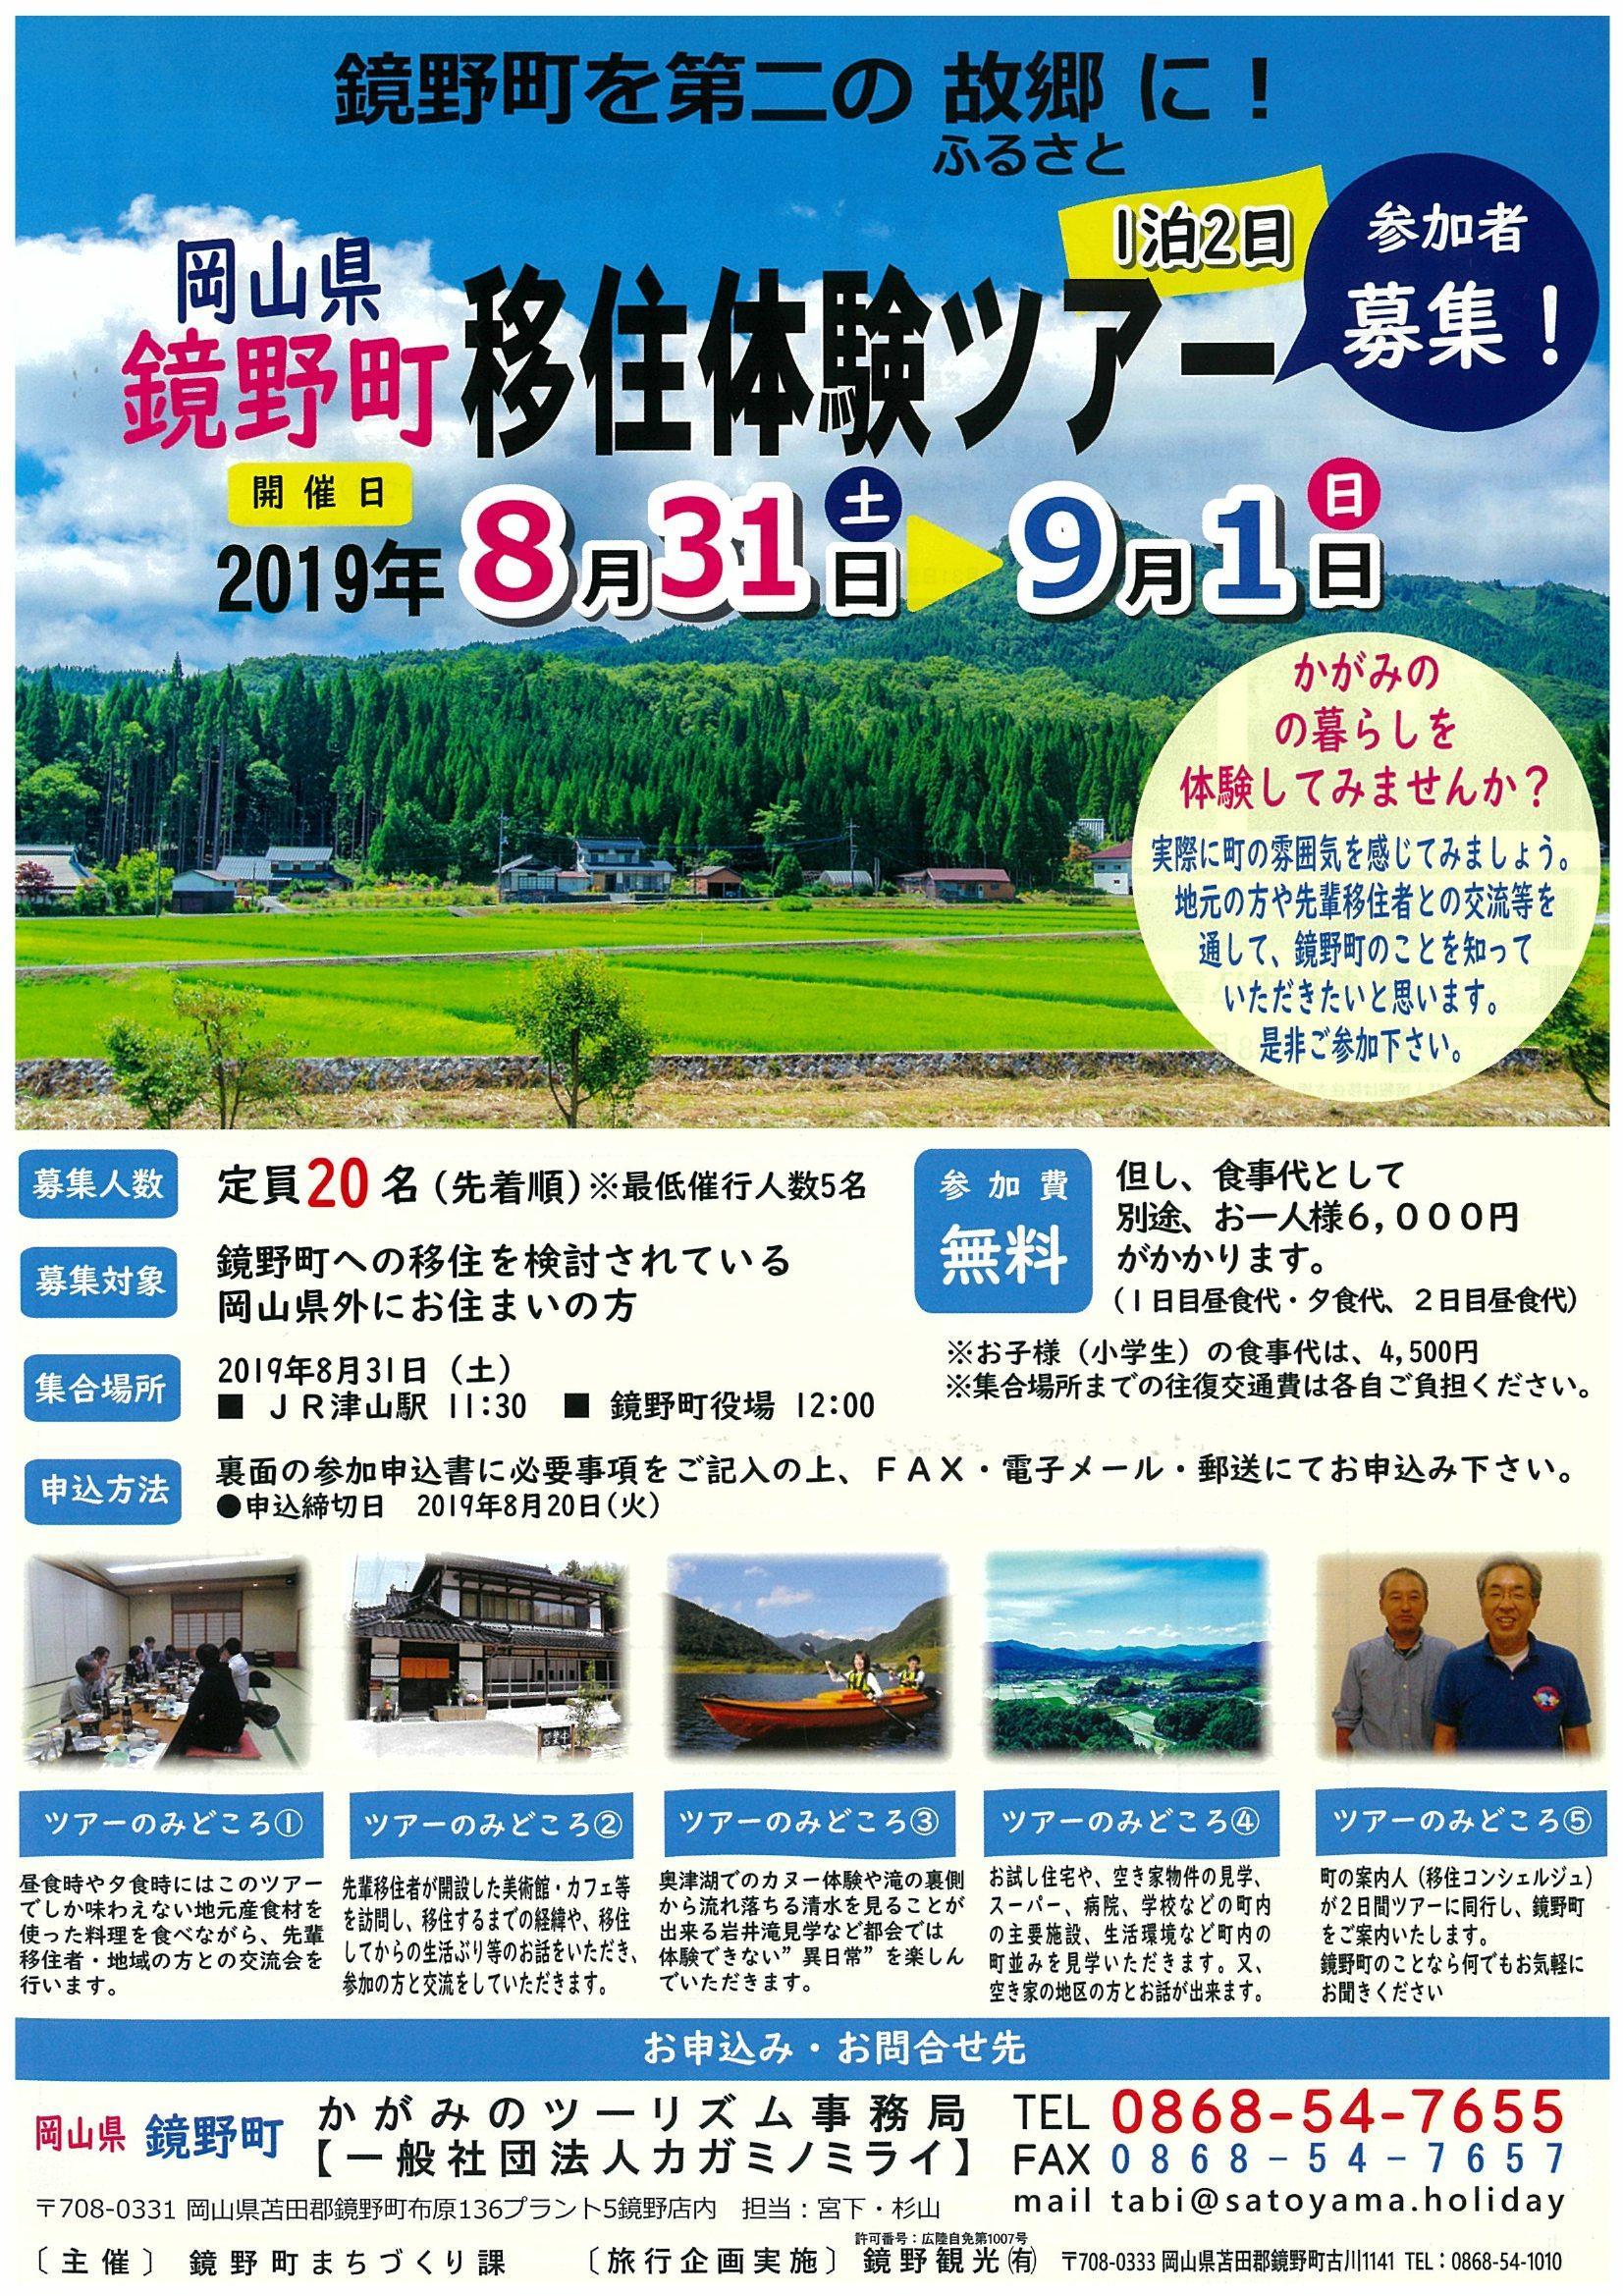 令和元年8月31日(土)~9月1日(日)開催 鏡野町移住体験ツアー 参加者募集!!